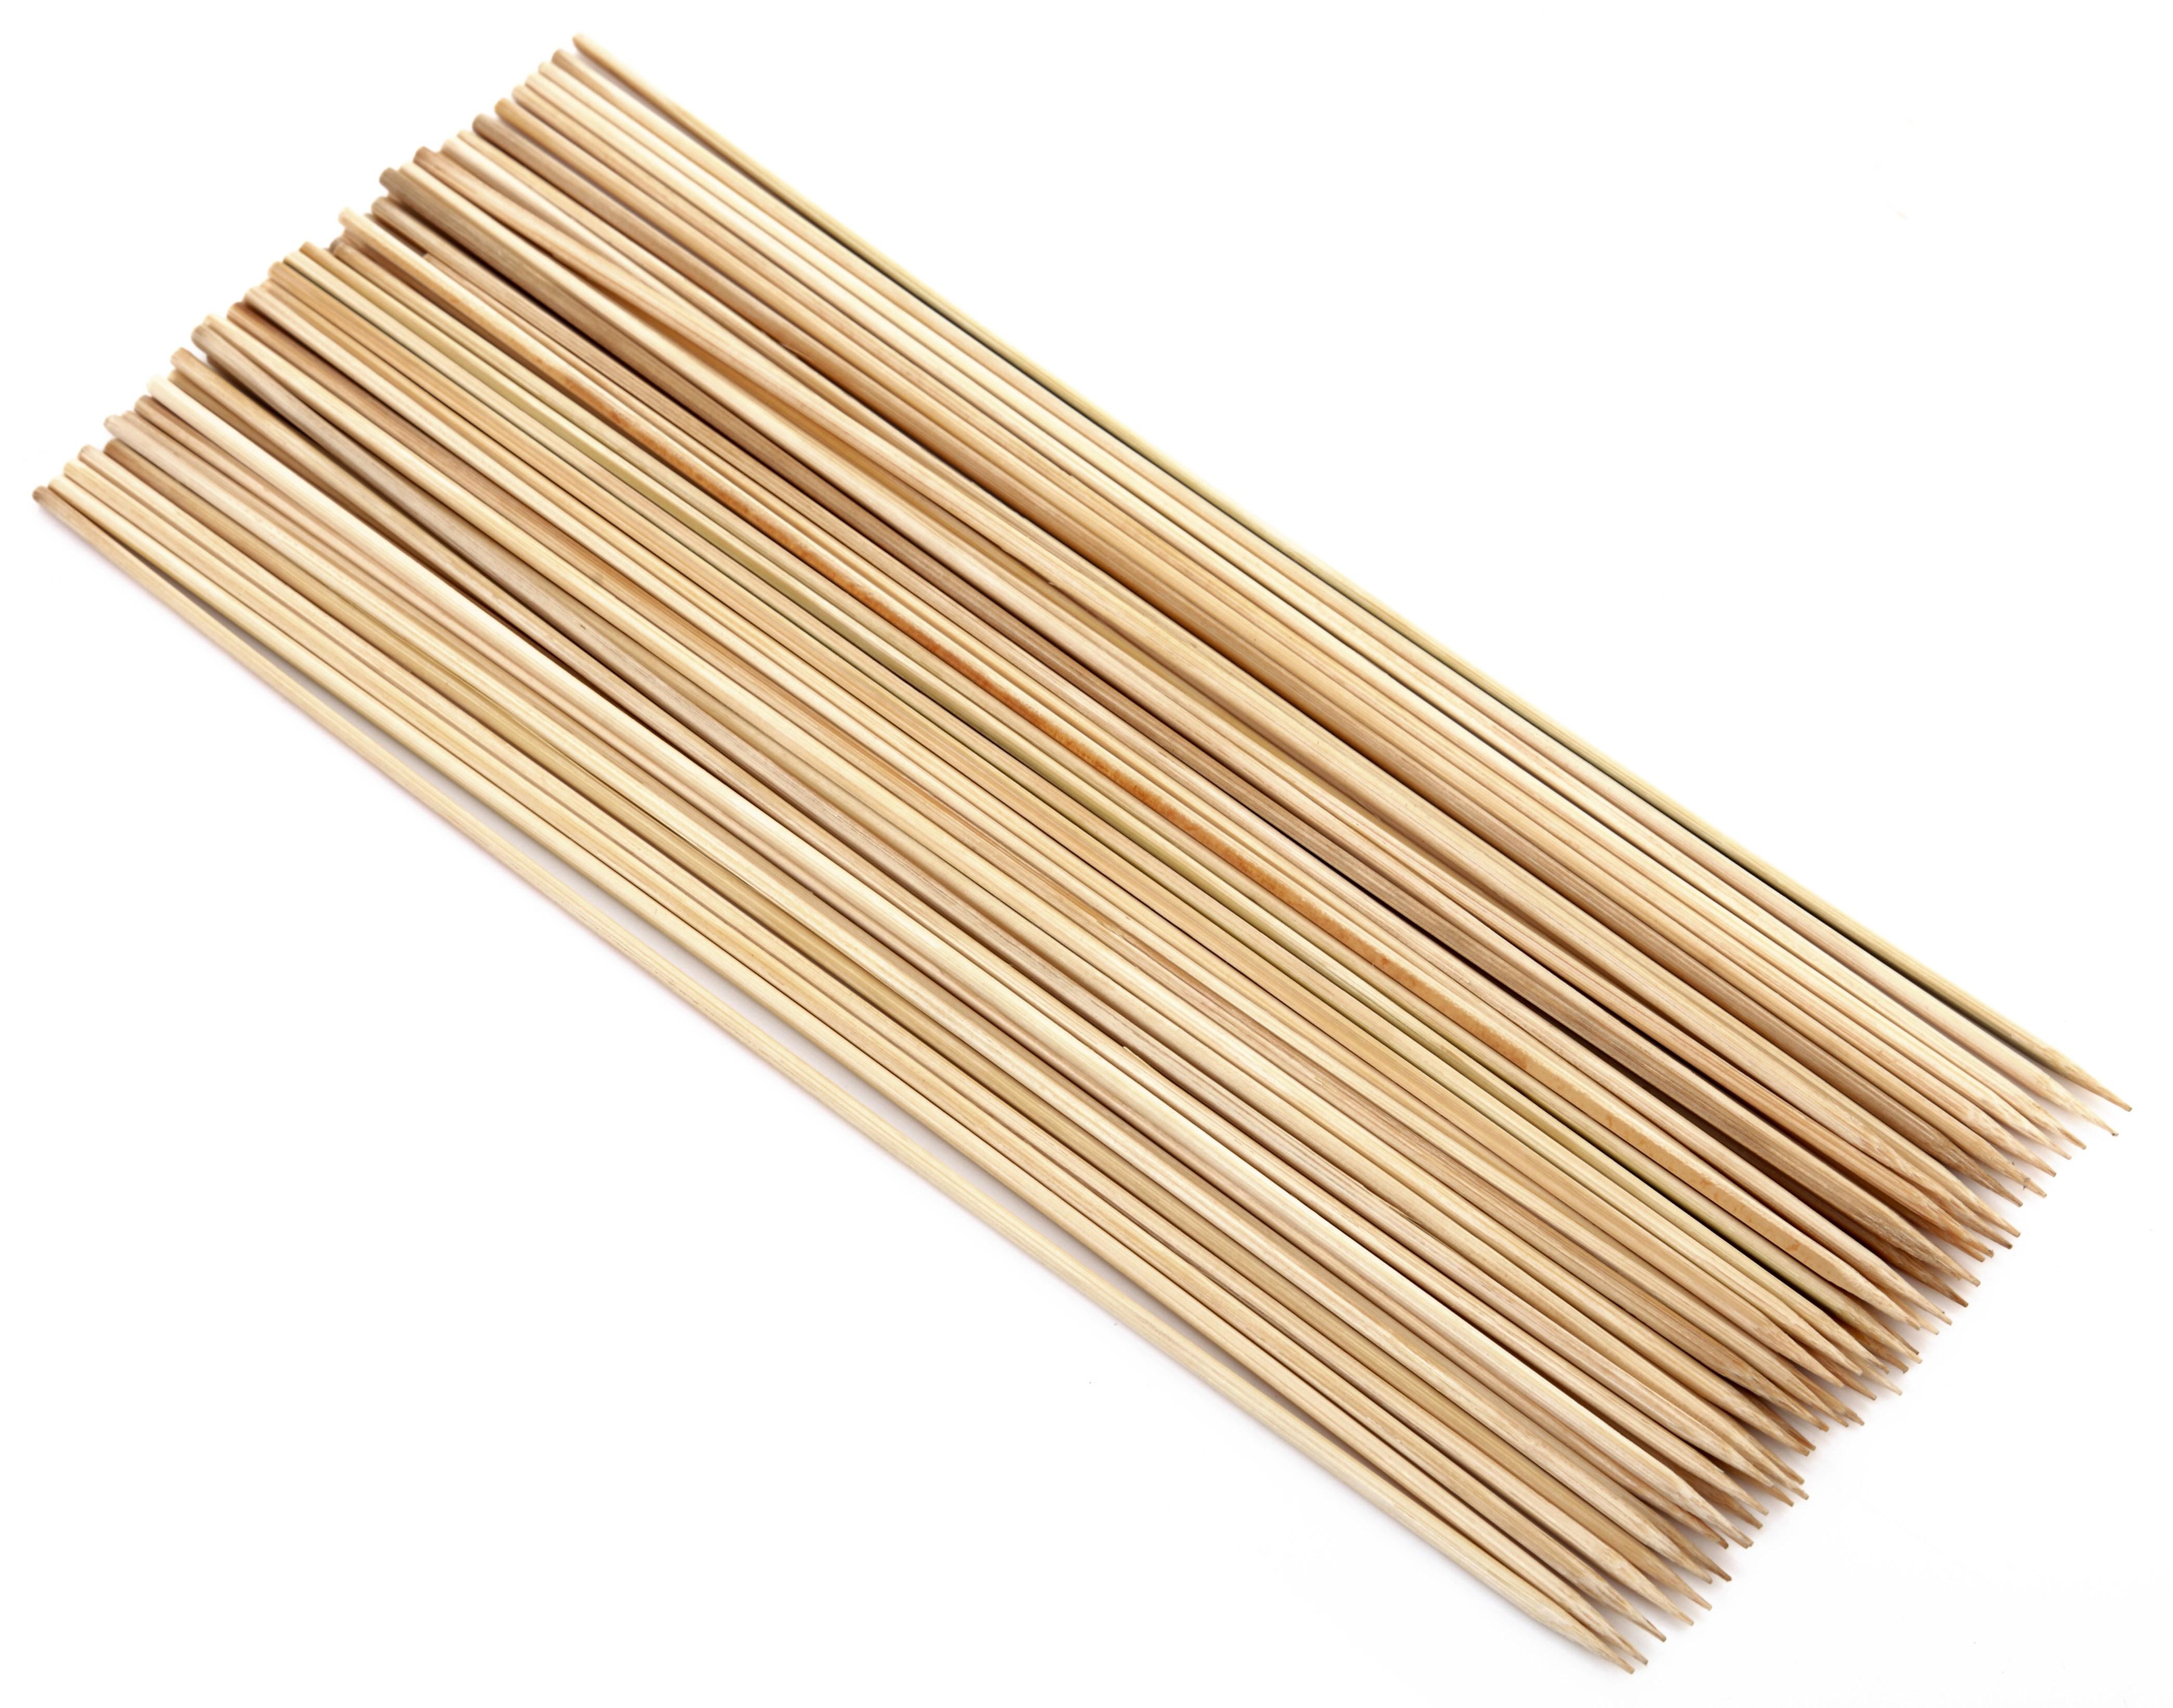 Tepro Grillspieße / Holzspieße aus Bambus 50 Stück Länge 30 cm Bild 1